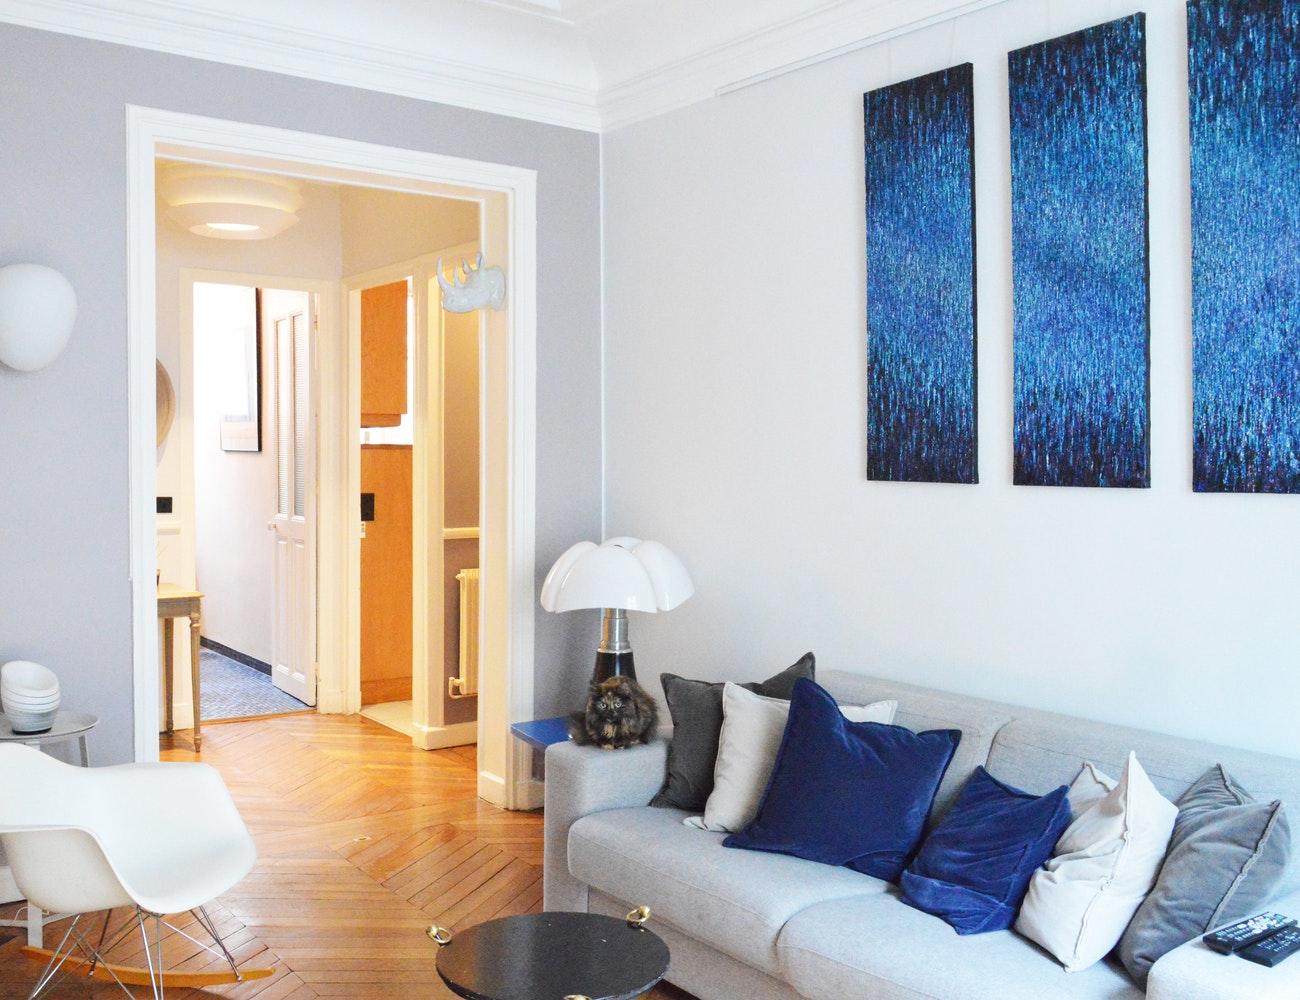 photo Rénovation appartement 37m2 Jean-Pierre Fuda